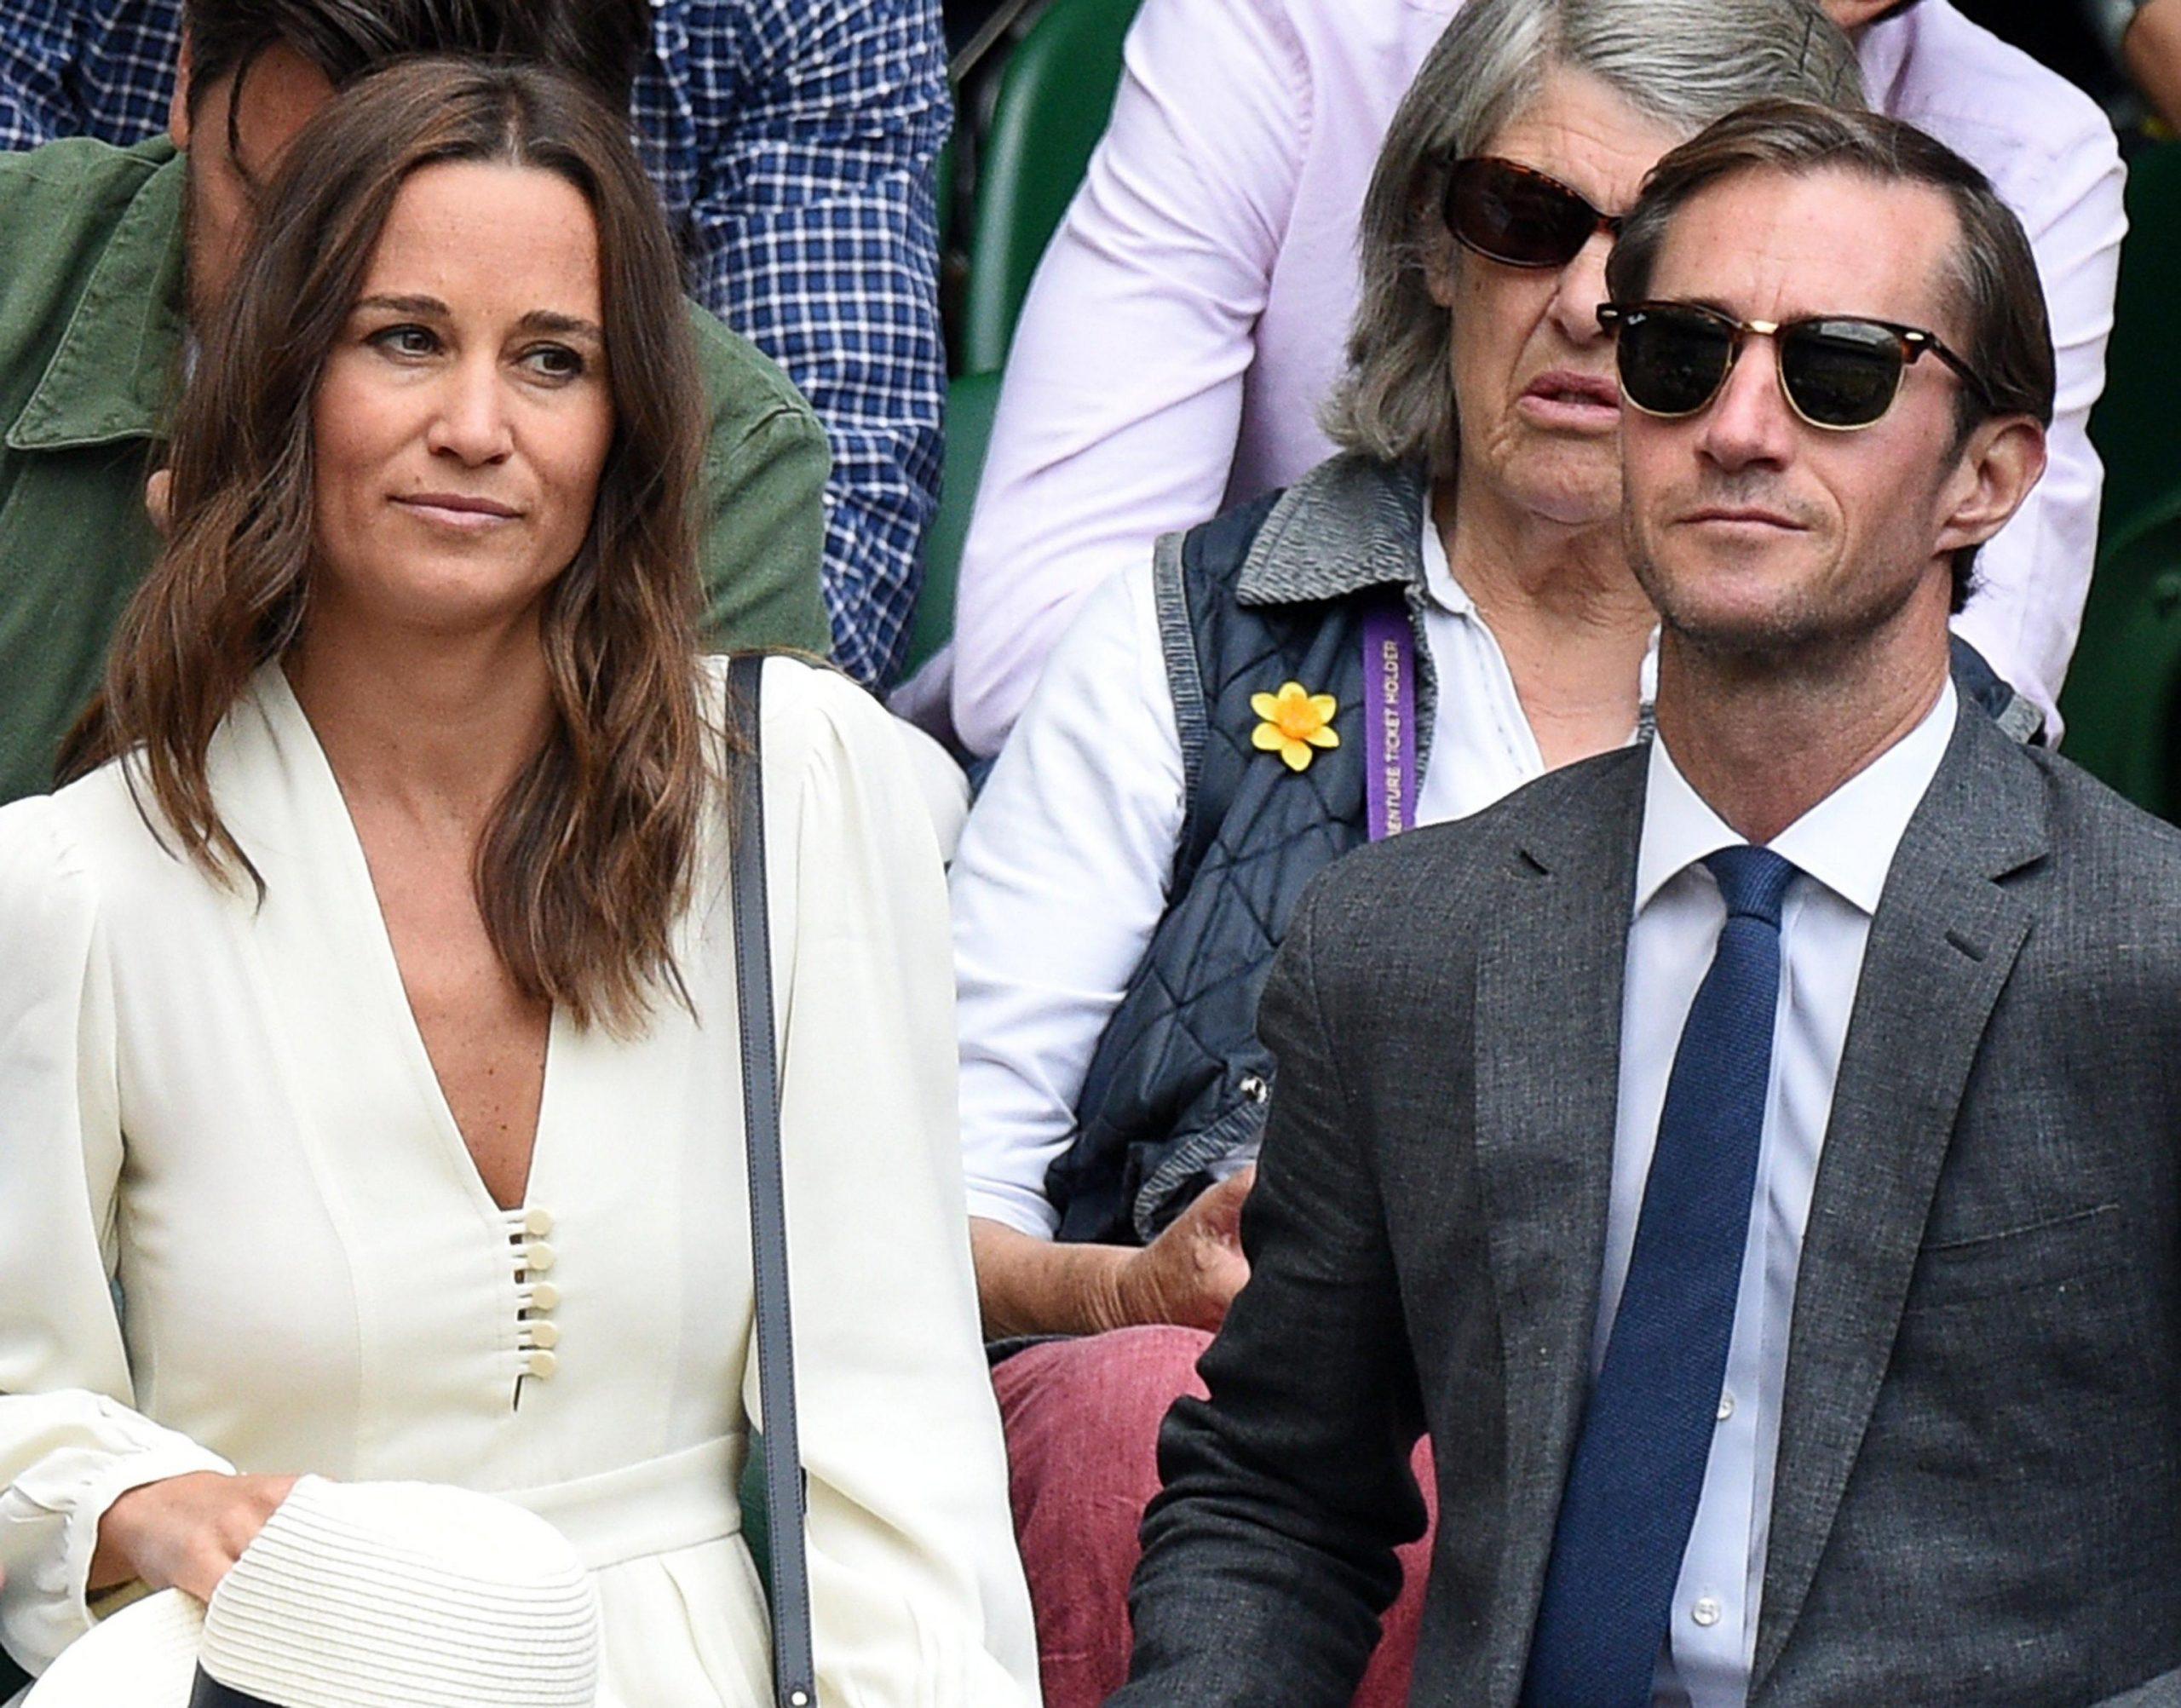 Pippa Middleton è incinta? La conferma da una fonte anonima